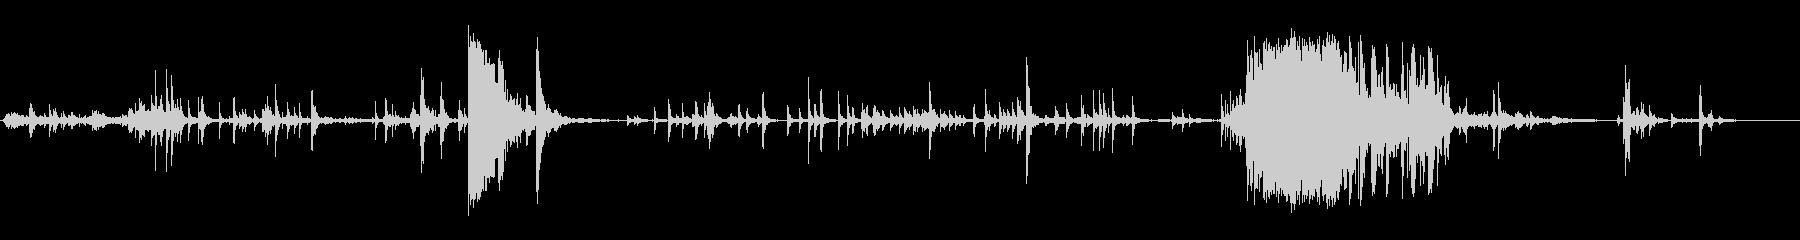 大きなウィンドウペイン:衝撃による...の未再生の波形